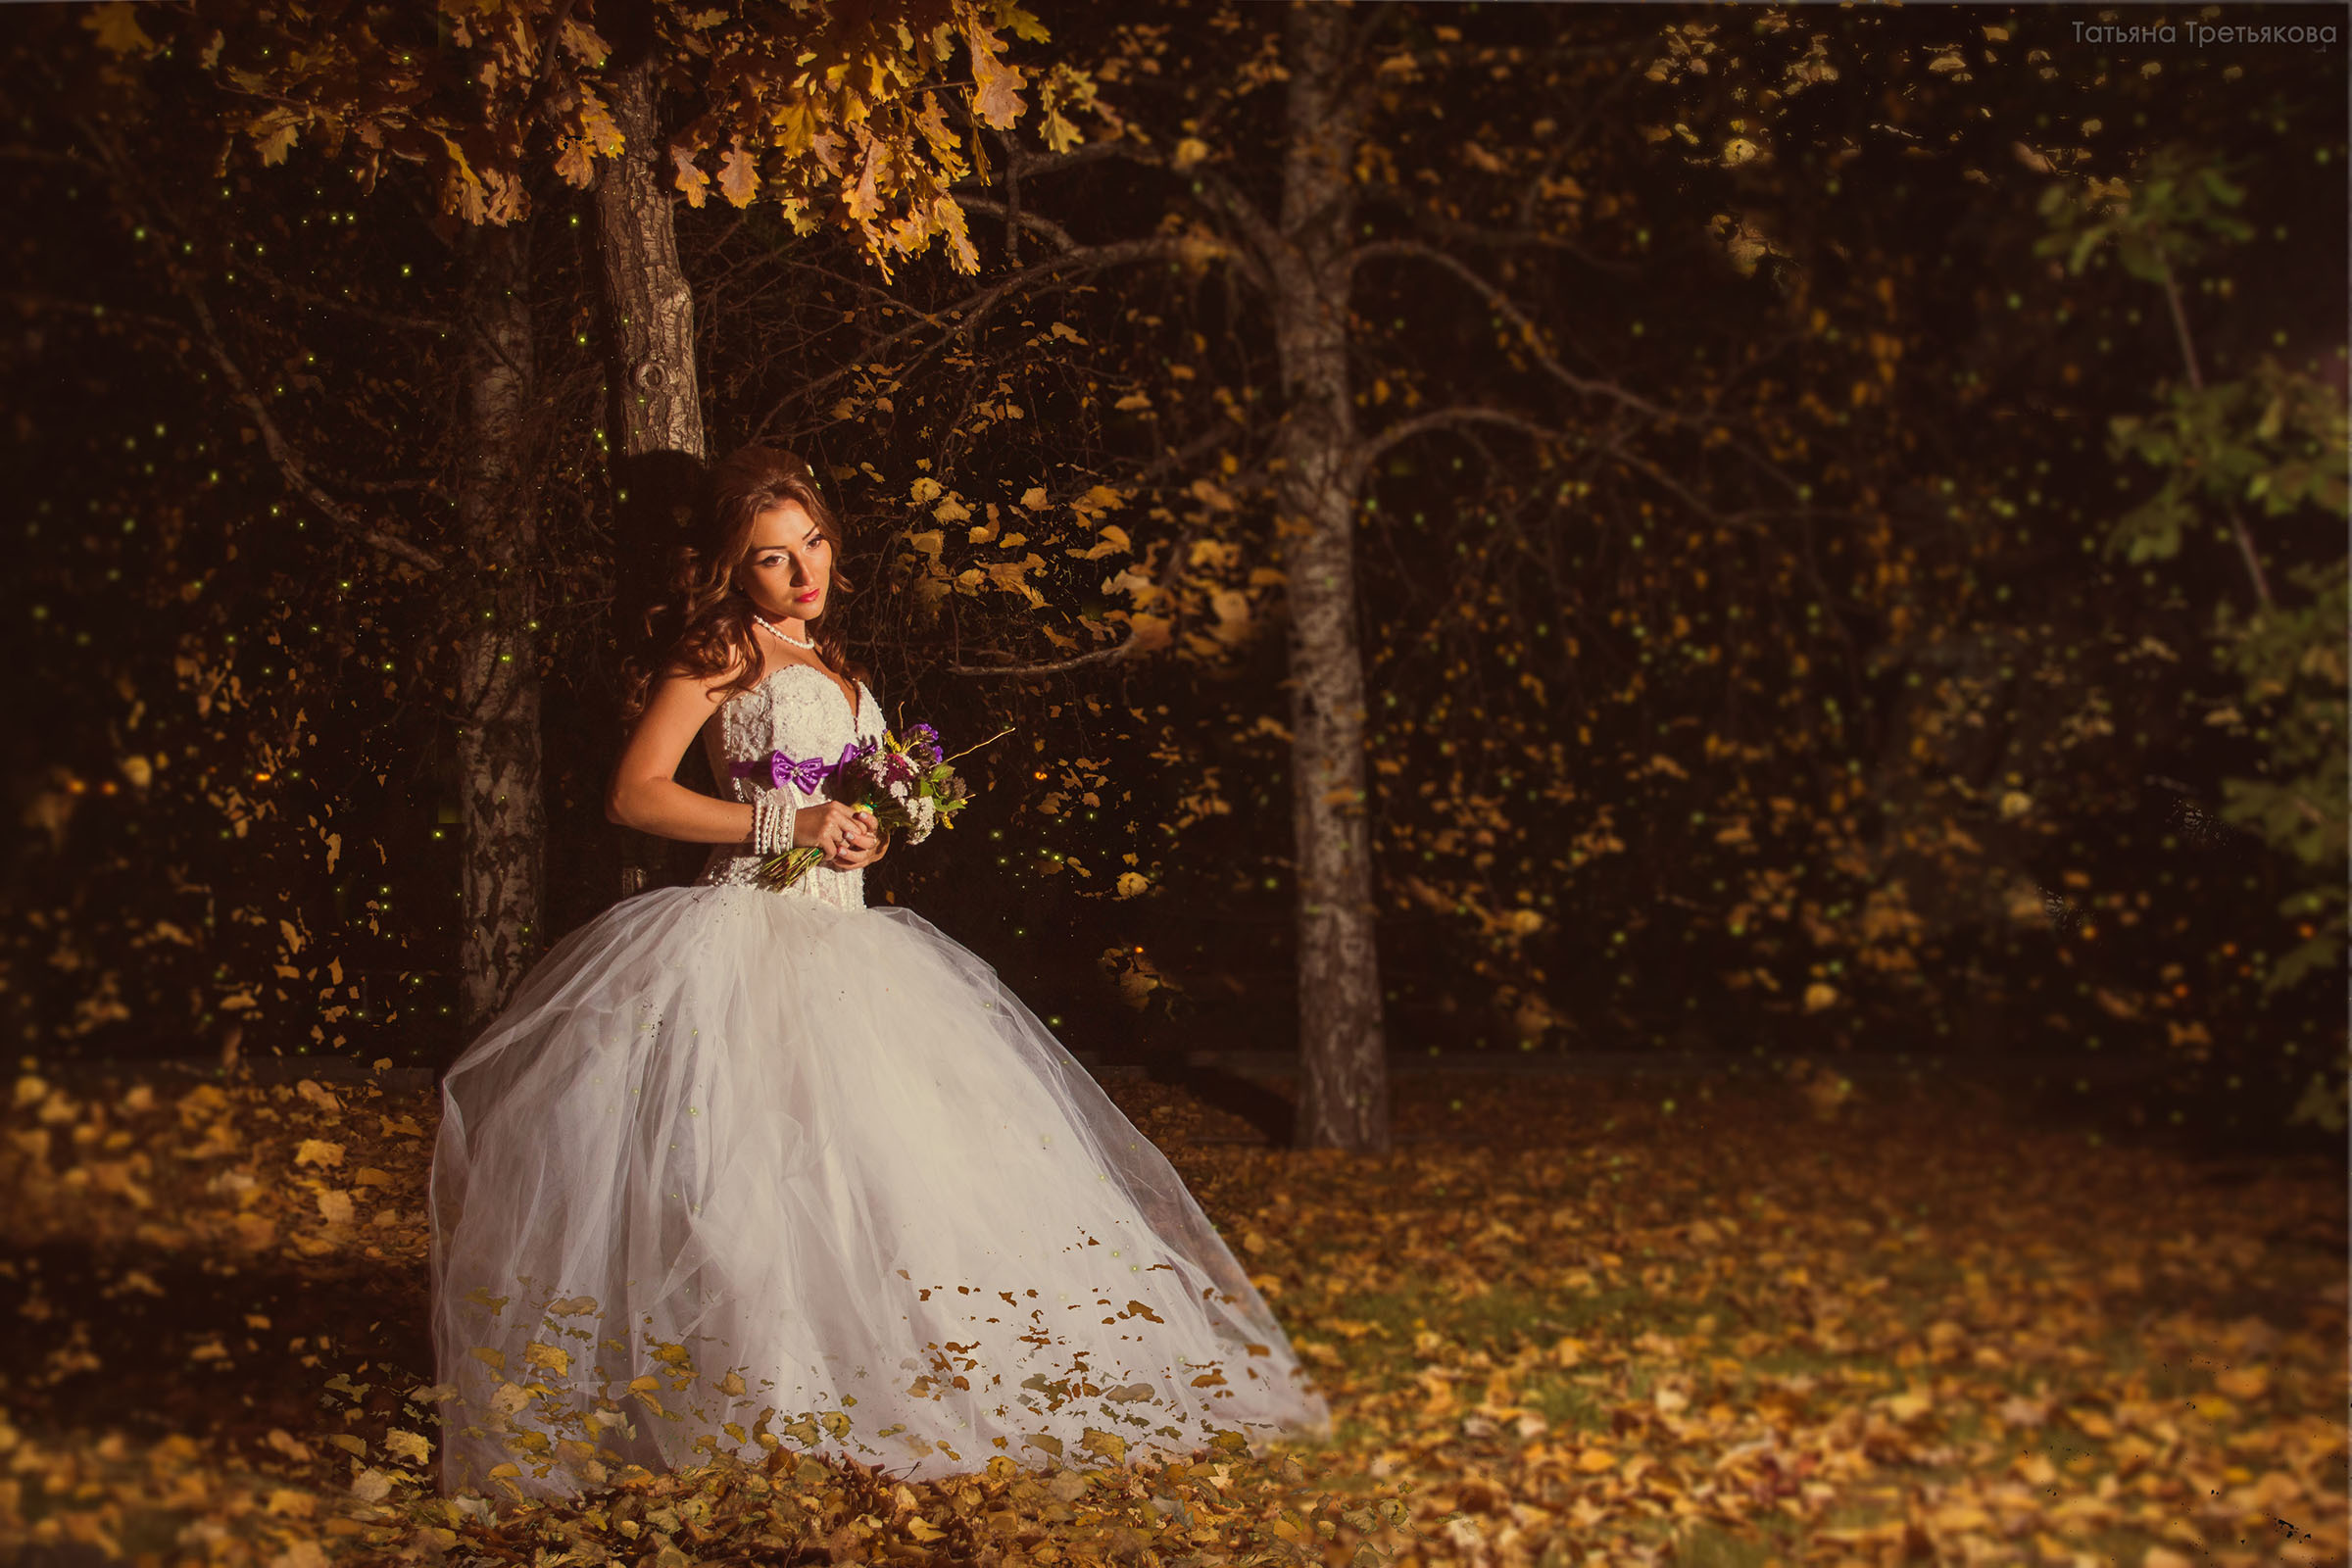 Фото со свадьбы третьякова